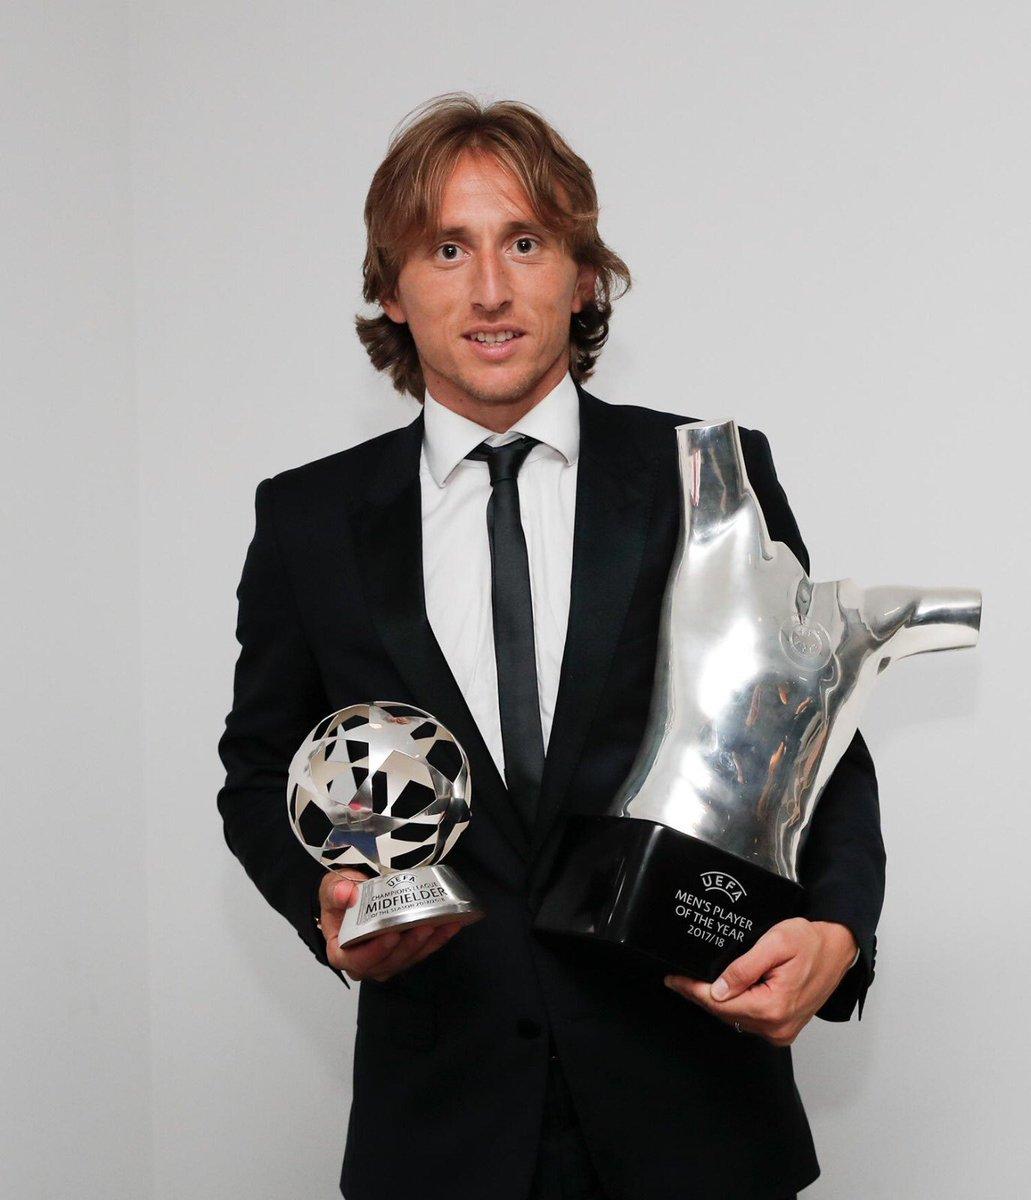 Luka Modrić na temporada 2017/2018: • Champions League 🏆 • Mundial de Clubes 🏆 • Supercopa da Europa 🏆 • Supercopa da Espanha 🏆 • Vice-campeão da Copa do Mundo 🥈 • Melhor jogador da Copa do Mundo 🏅 • Melhor jogador da europa 🏅 • Melhor jogador do mundo 🏅